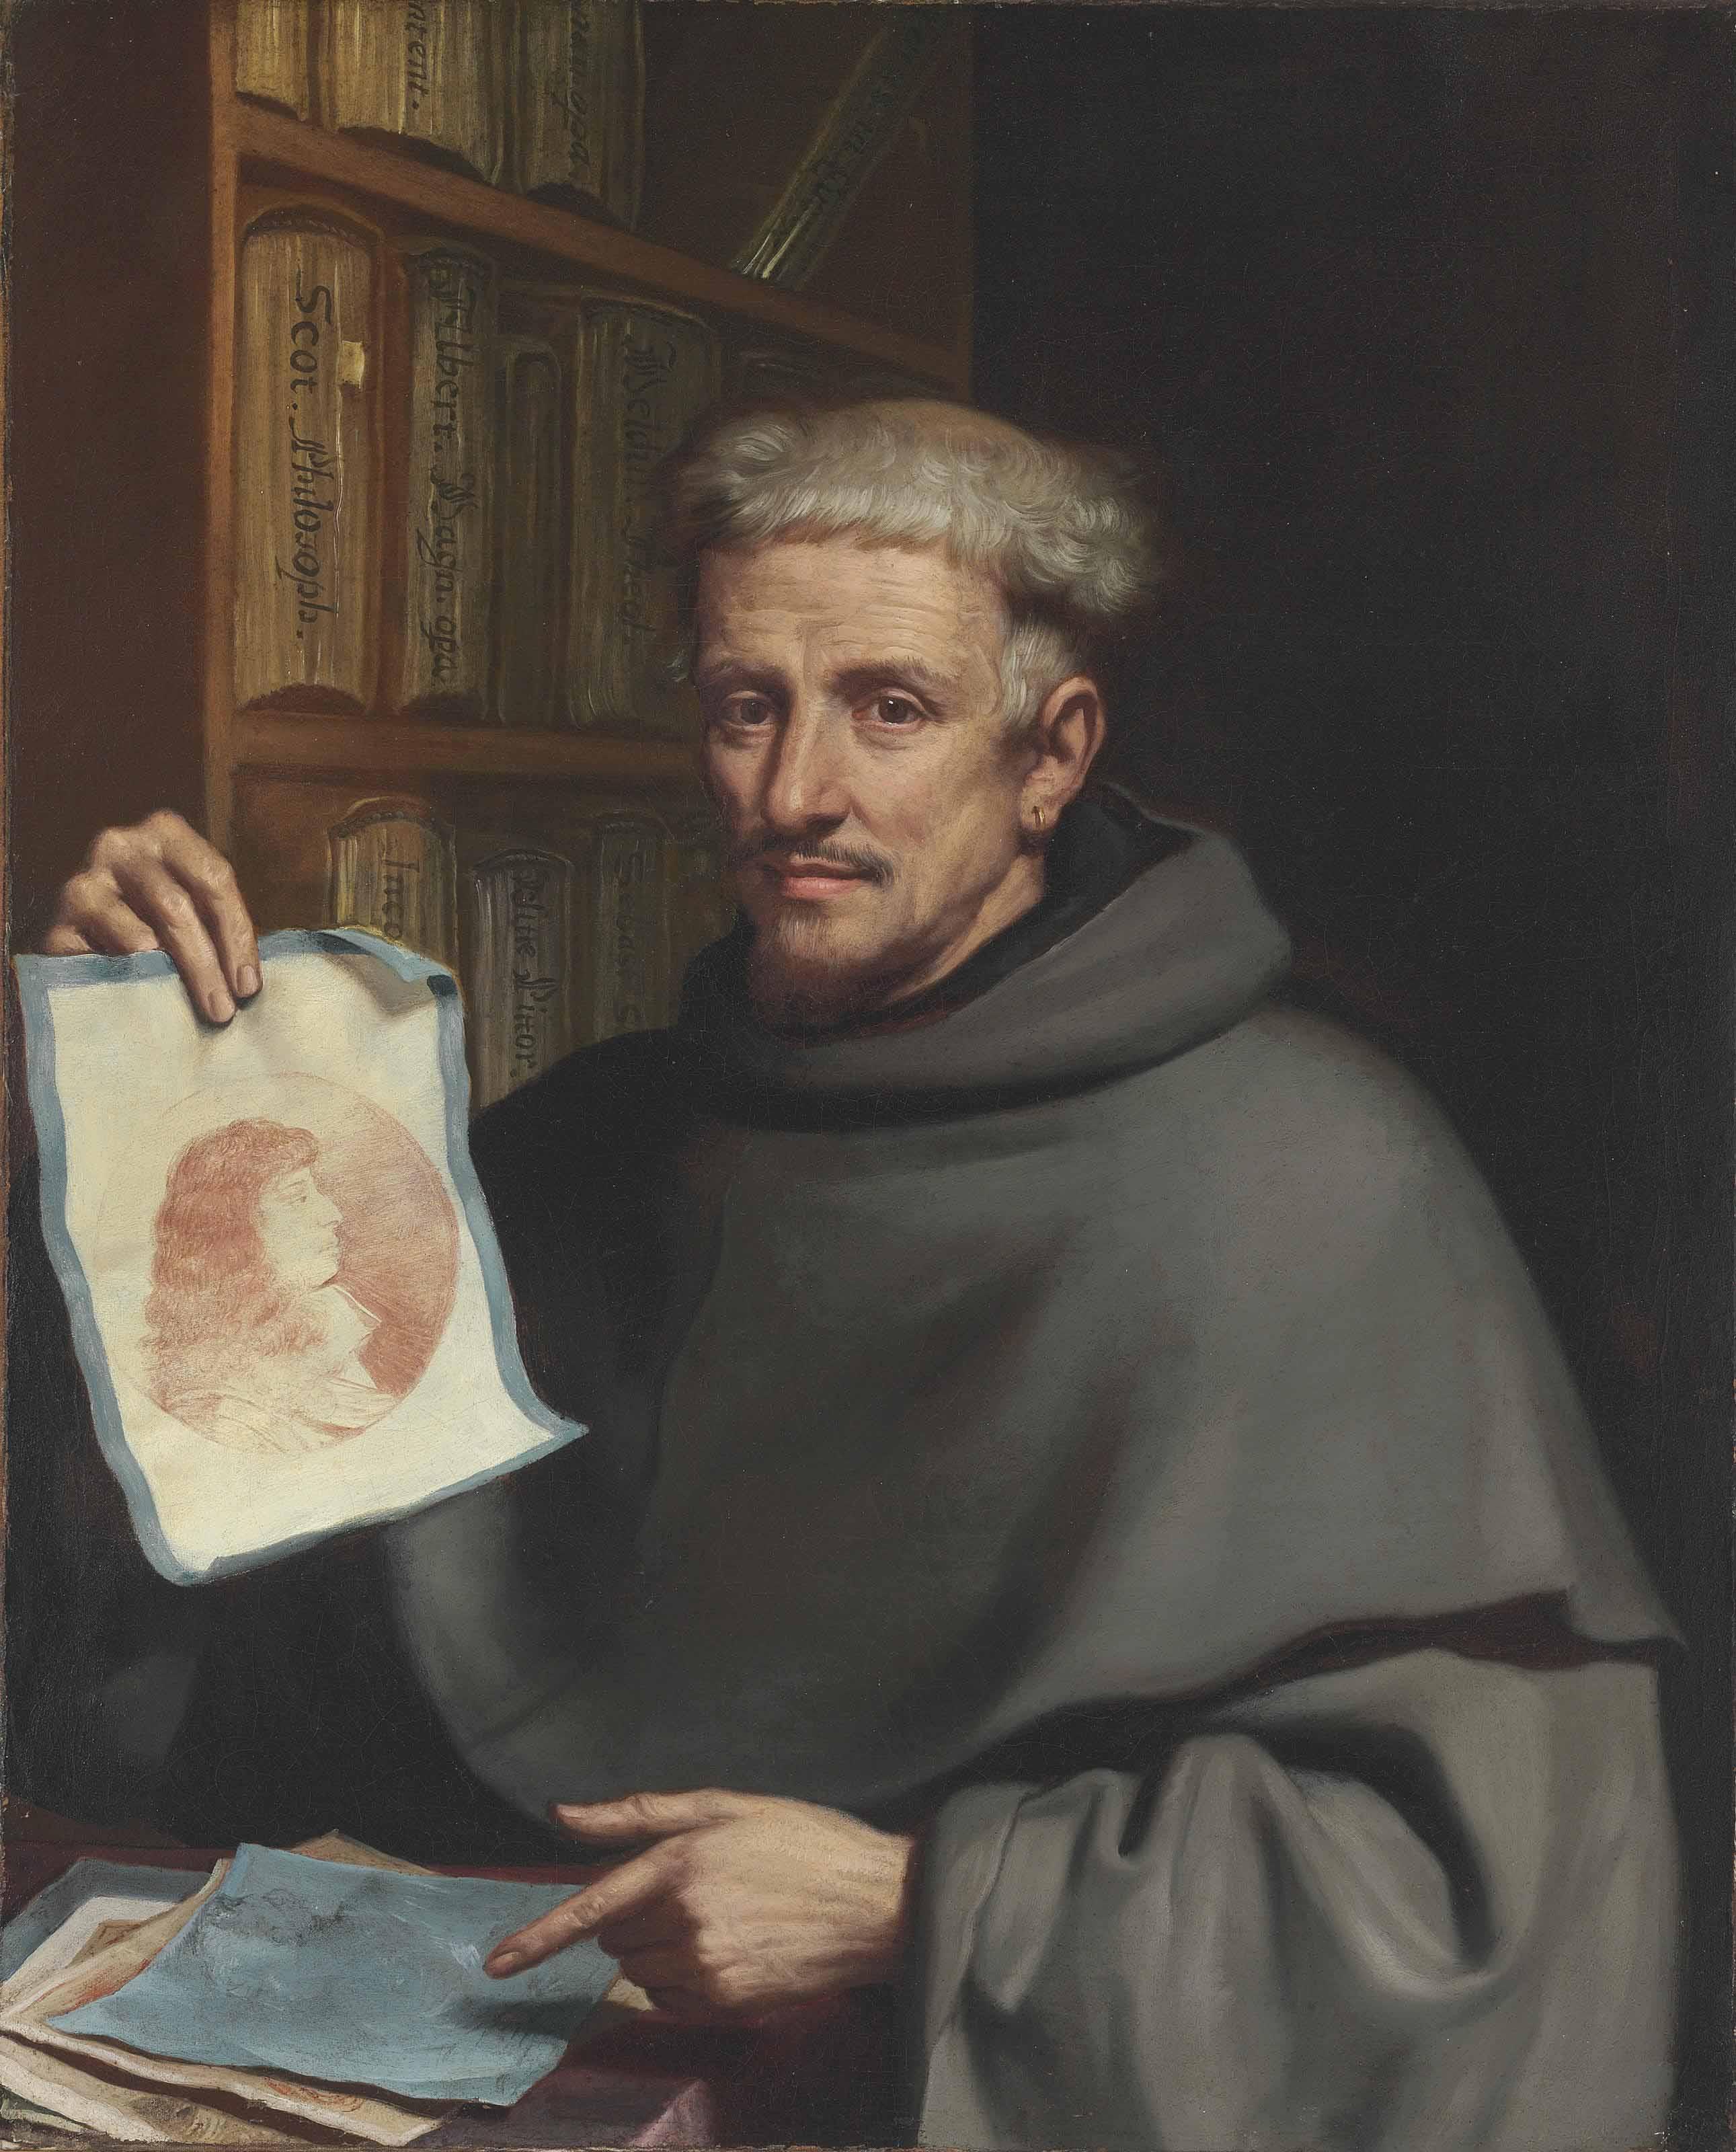 Giovanni Francesco Barbieri, called Guercino (Cento 1591-1666 Bologna)